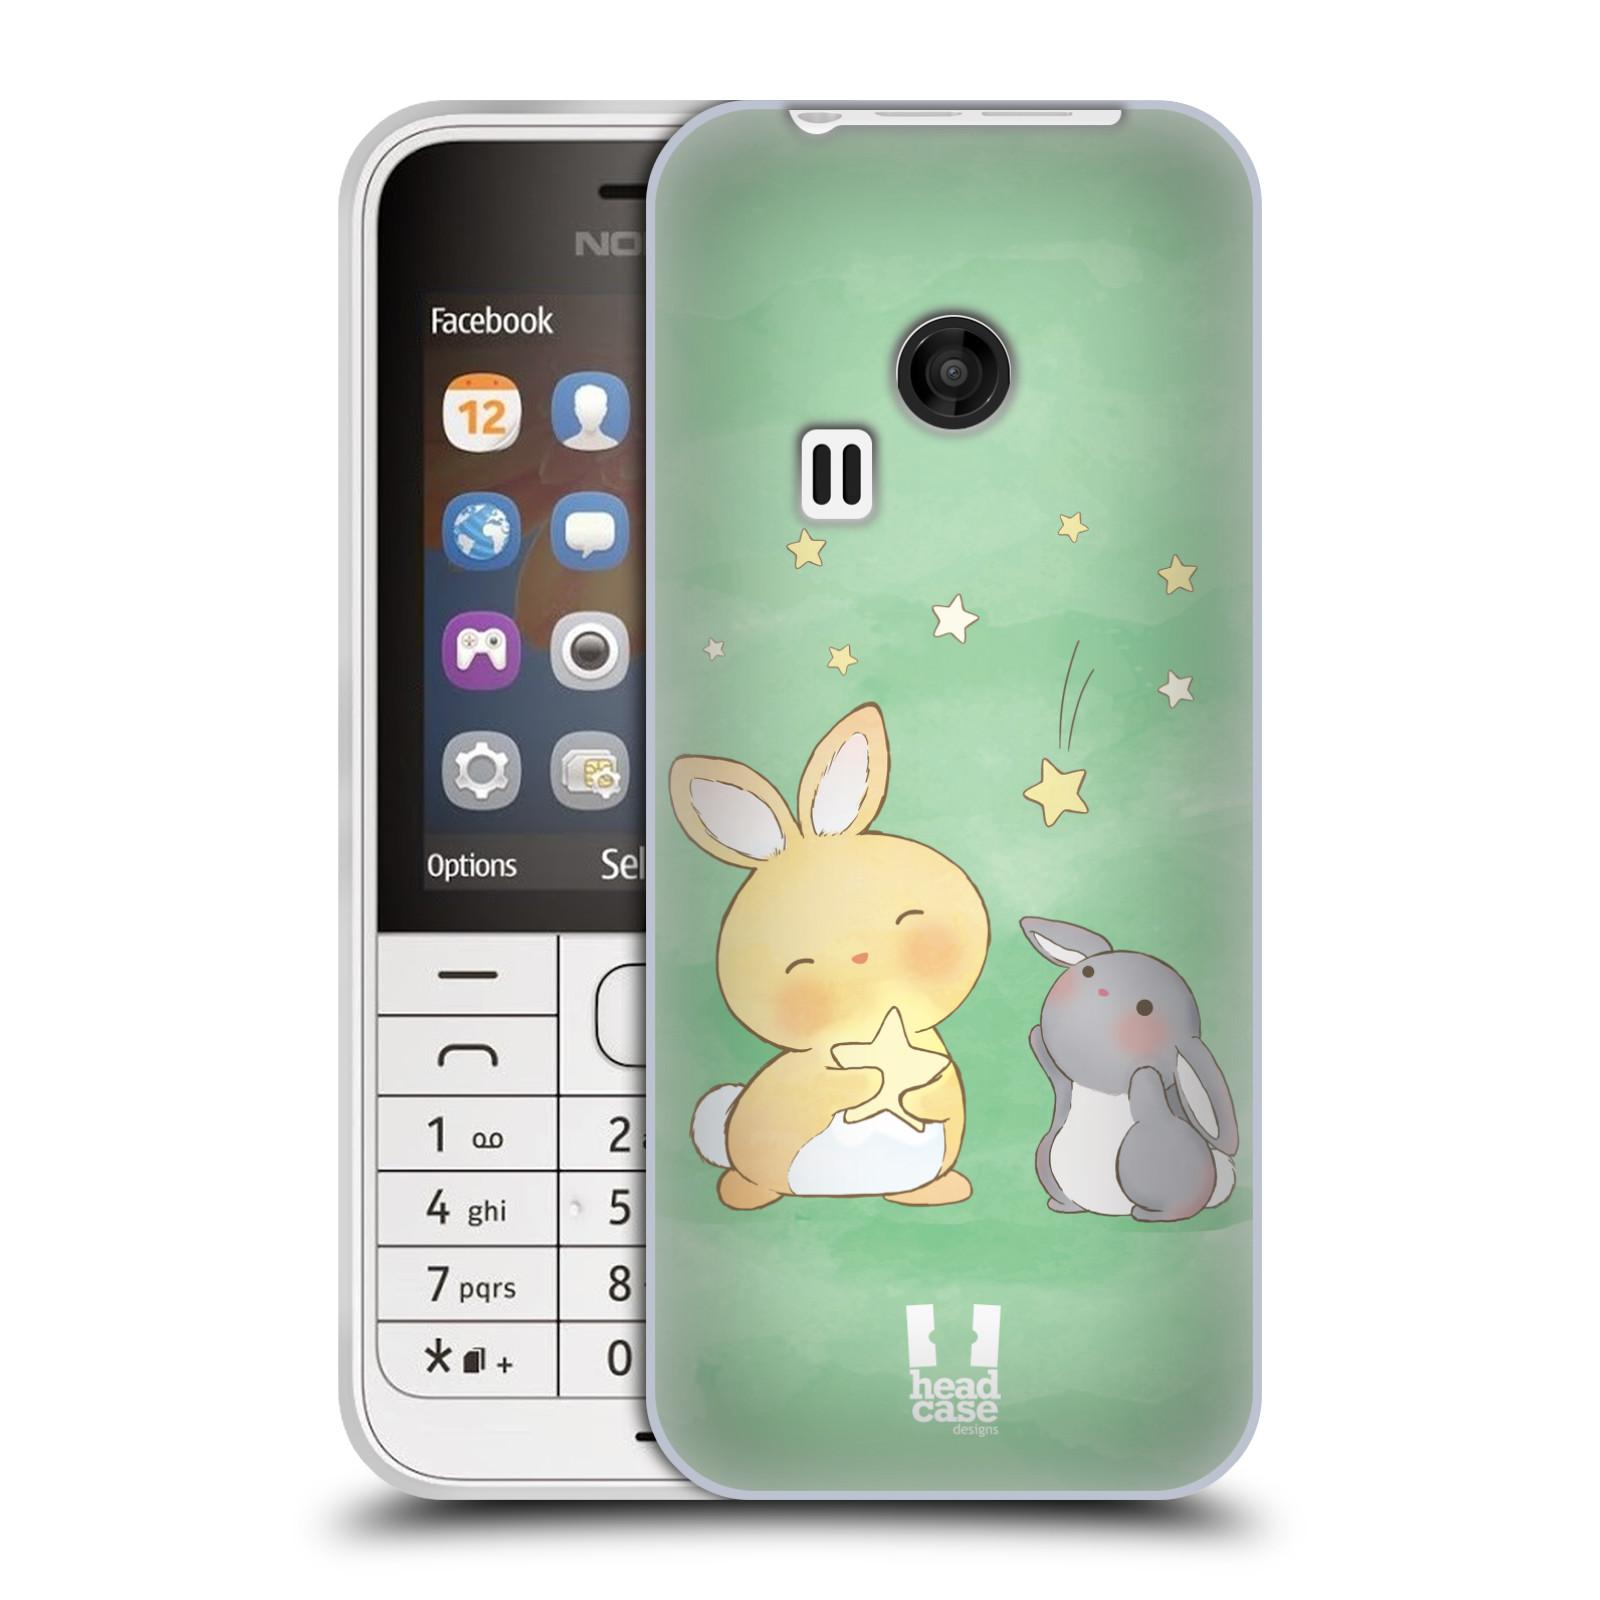 HEAD CASE silikonový obal na mobil NOKIA 220 / NOKIA 220 DUAL SIM vzor králíček a hvězdy zelená